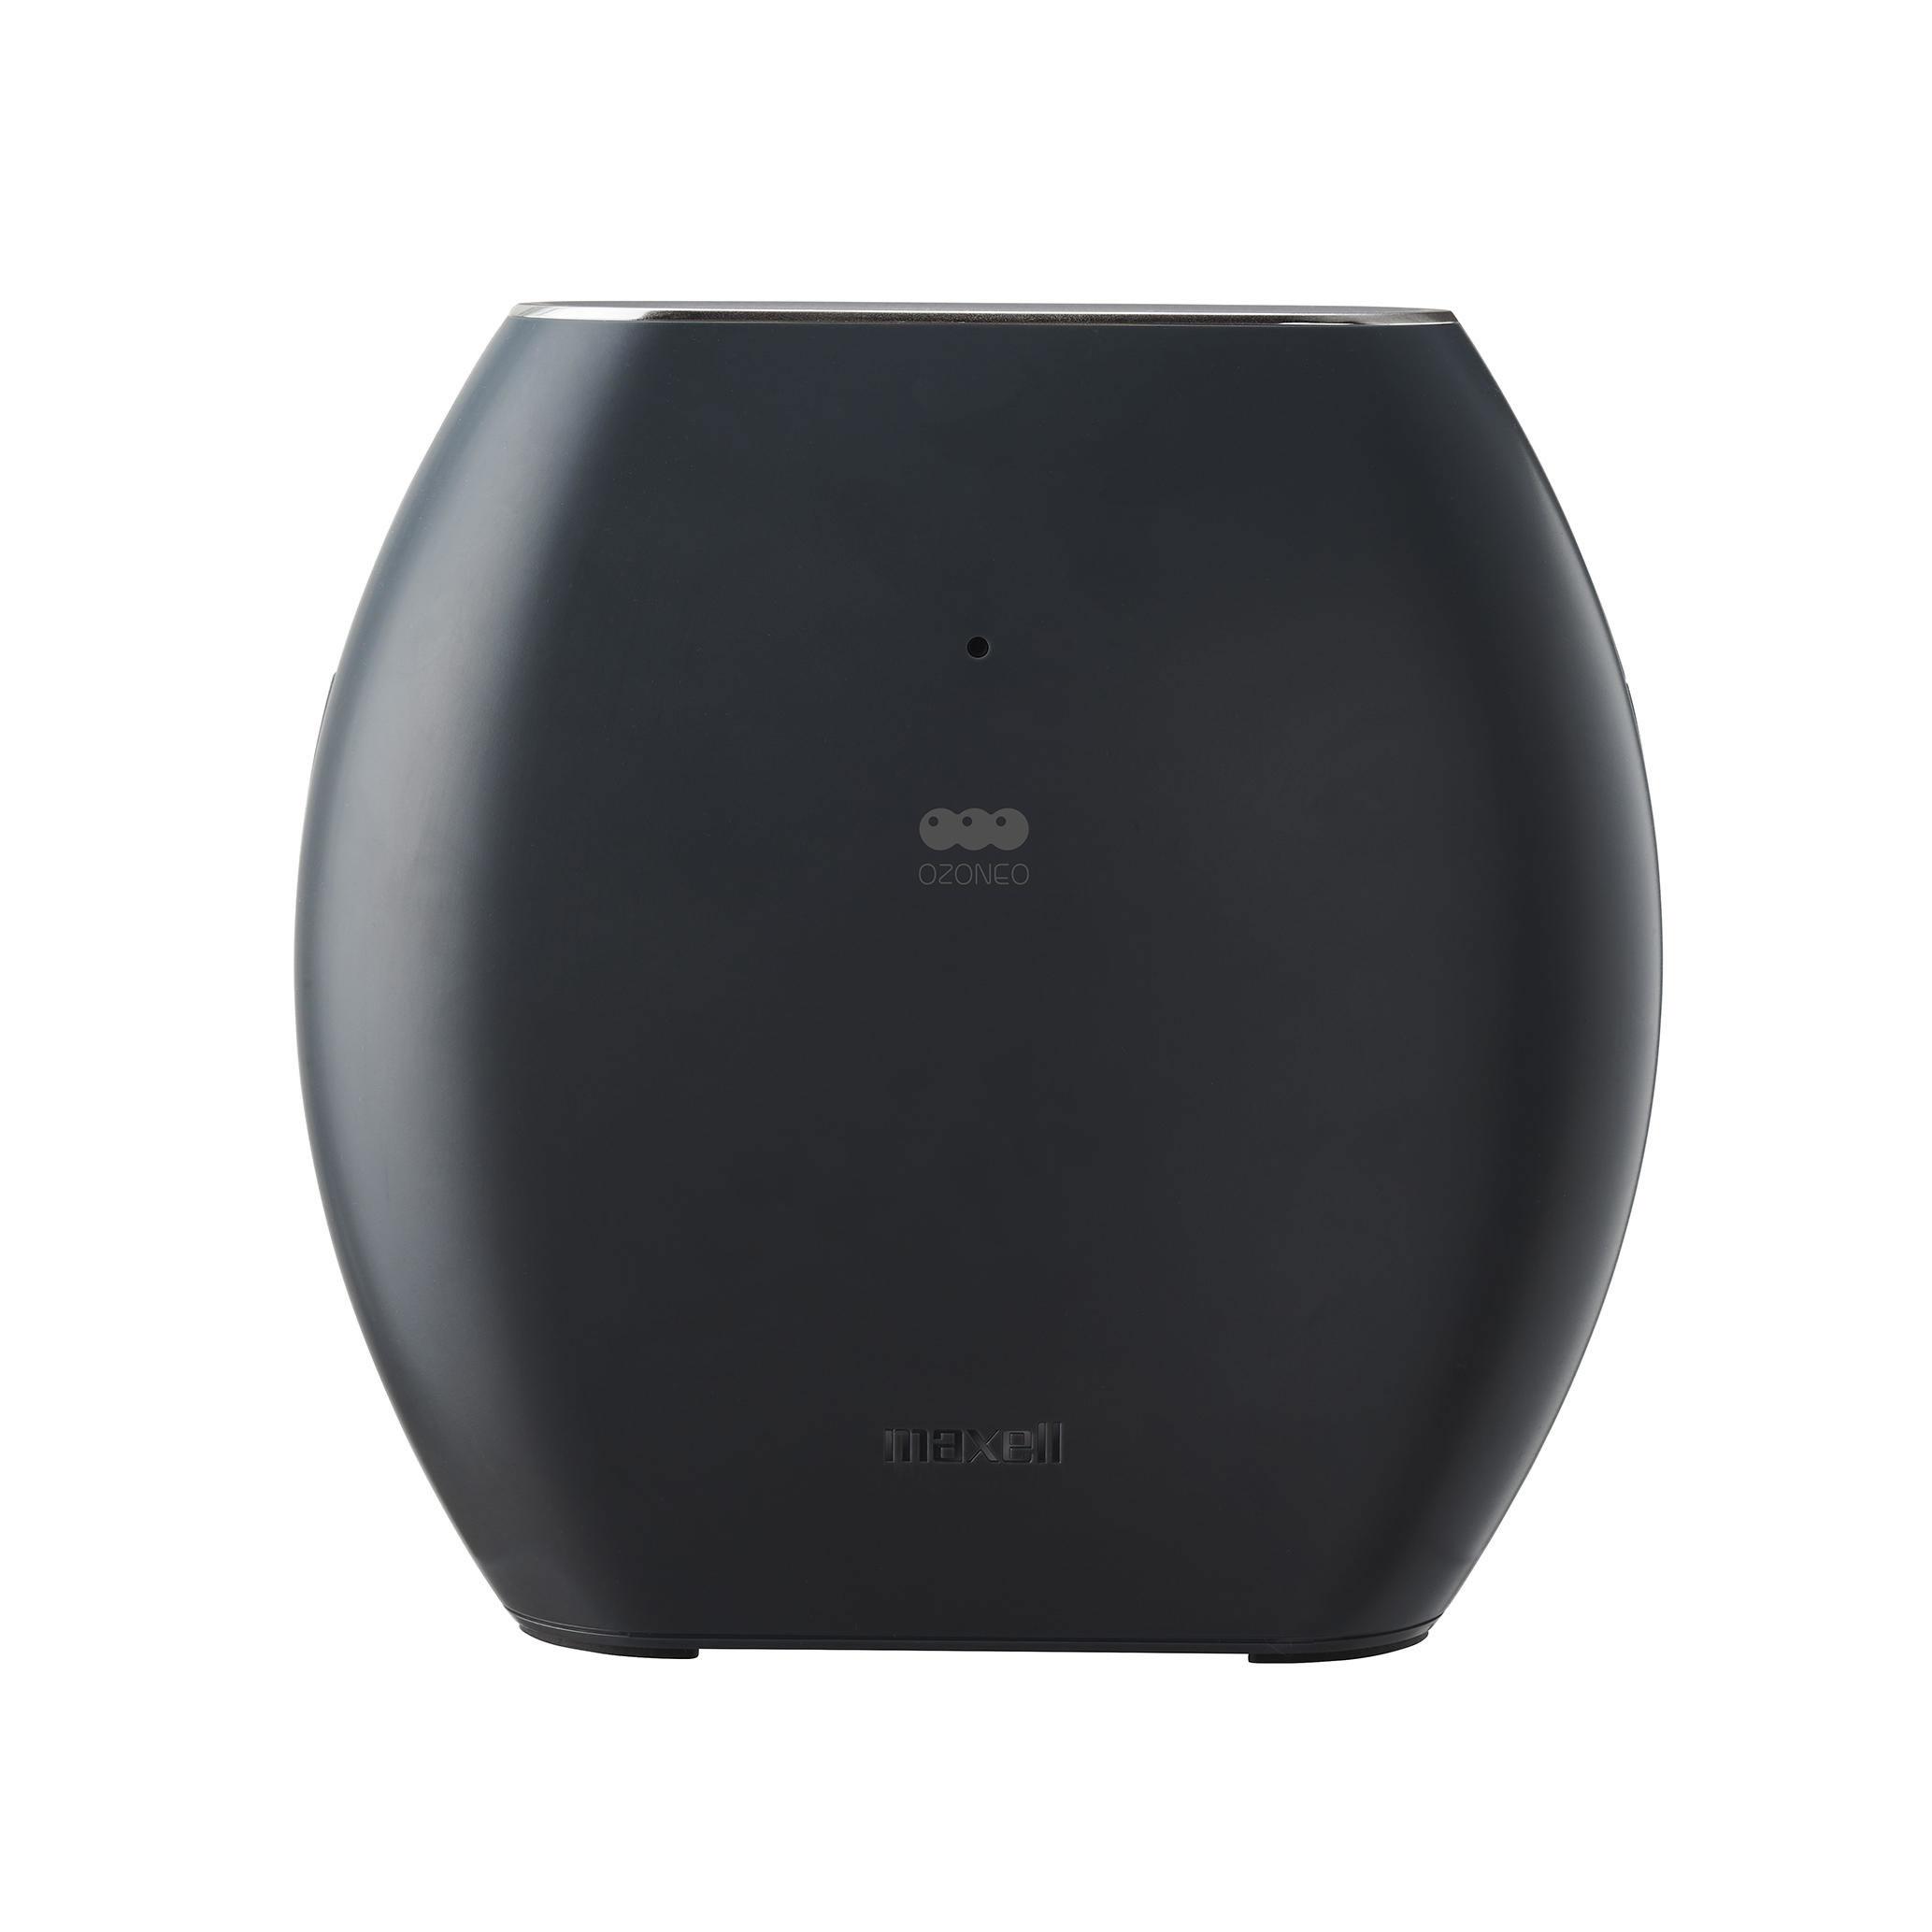 オゾン除菌消臭器 オゾネオエアロ マクセル maxell MXAP-AE270BK ブラック(ラッピング不可)